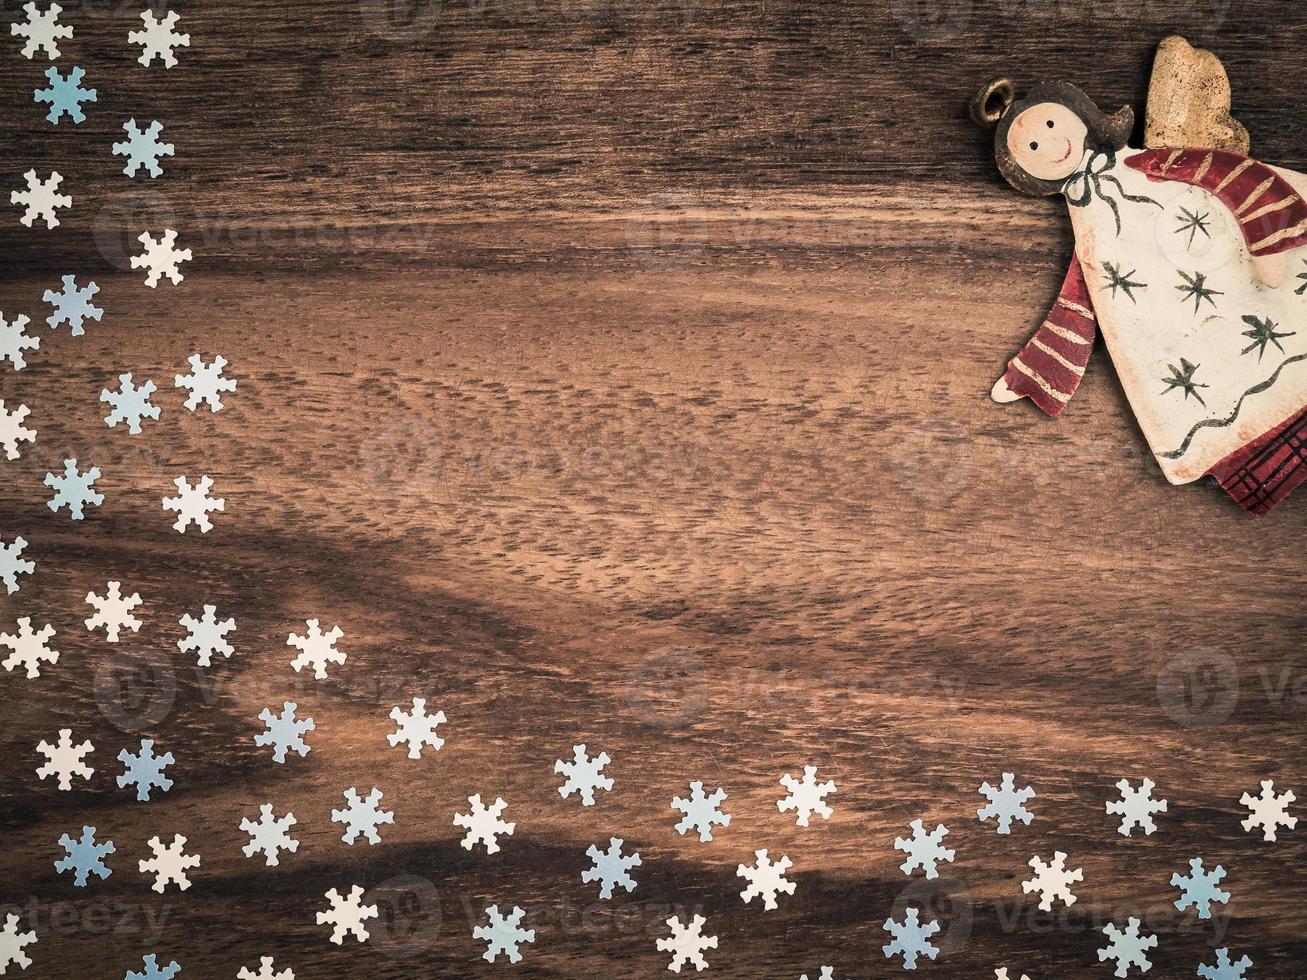 natal, flocos de neve de papel, anjo, madeira de fundo, espaço de cópia foto